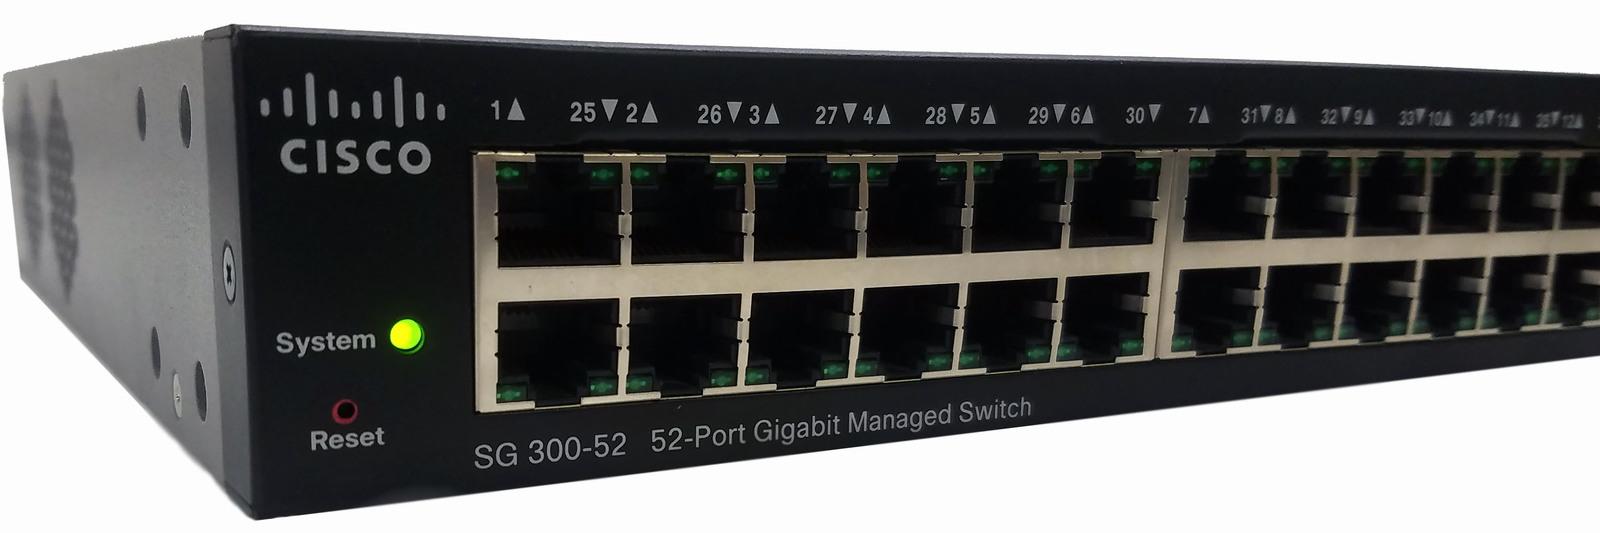 Cisco sg300 52 001